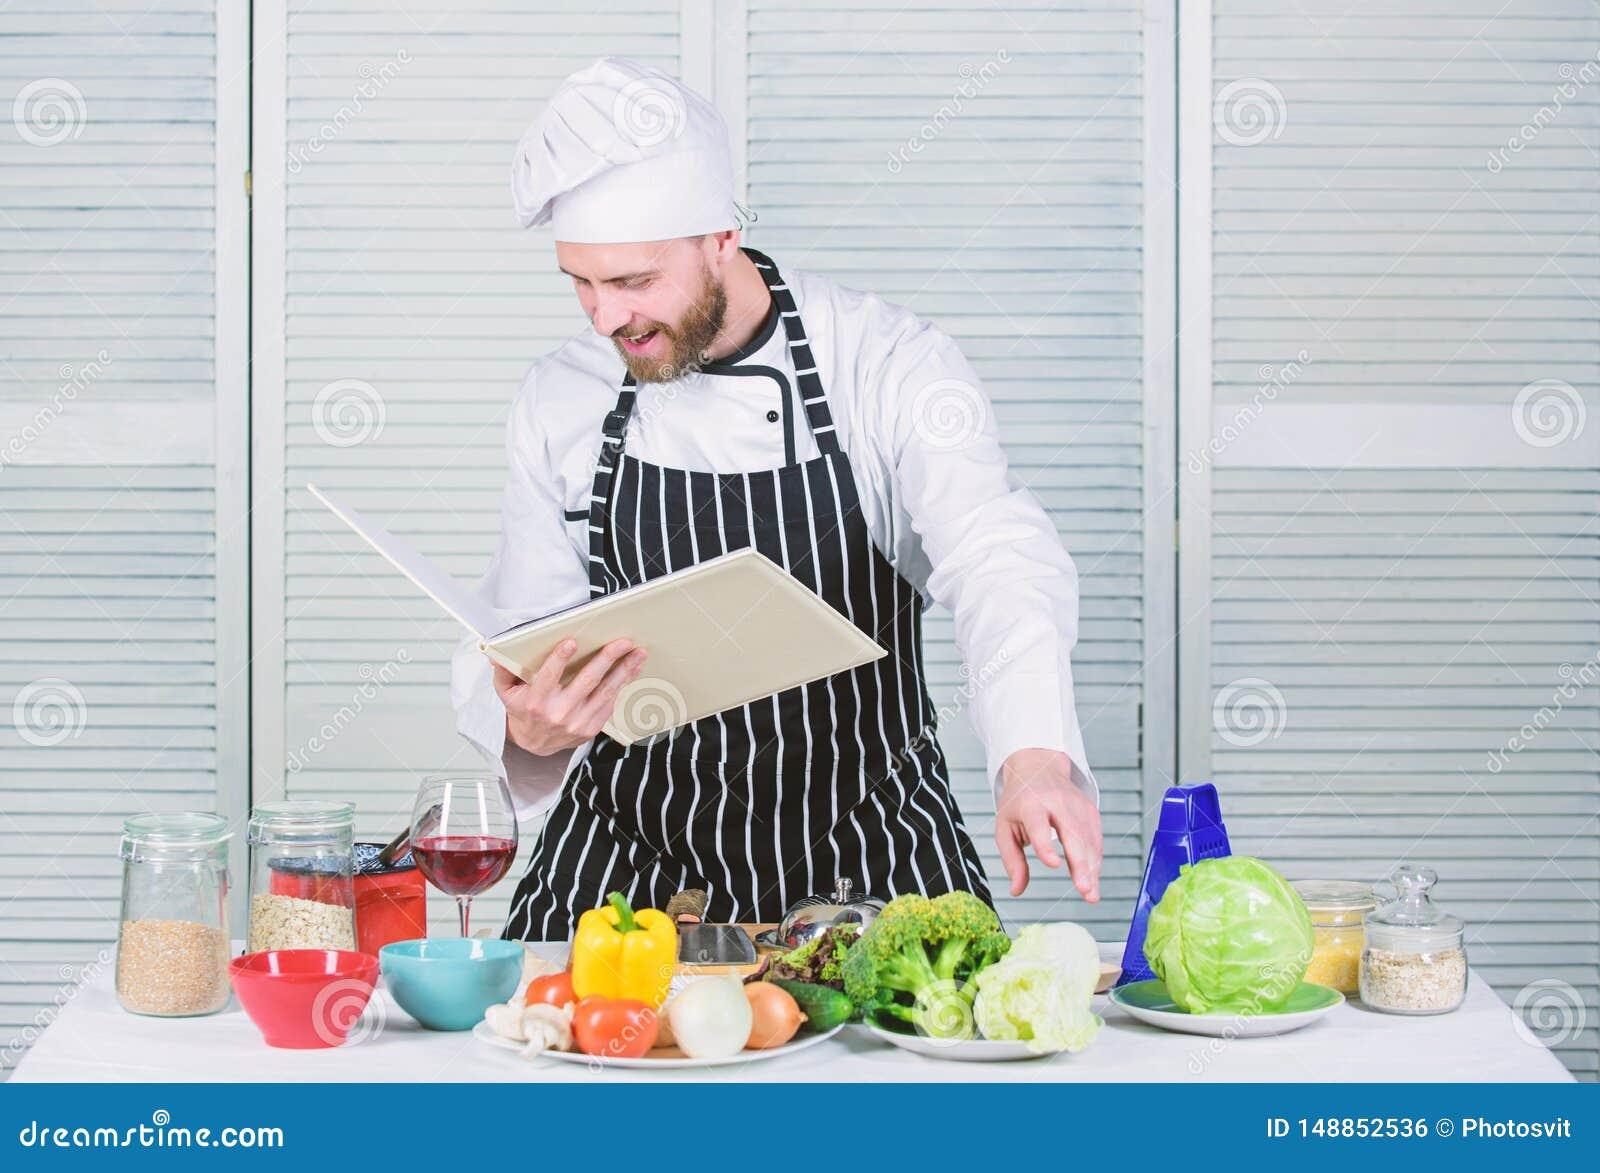 Mannen l?r recept F?rb?ttra att laga mat expertis Bokfamiljrecept Ultimat laga mat handbok f?r nyb?rjare Enligt recept